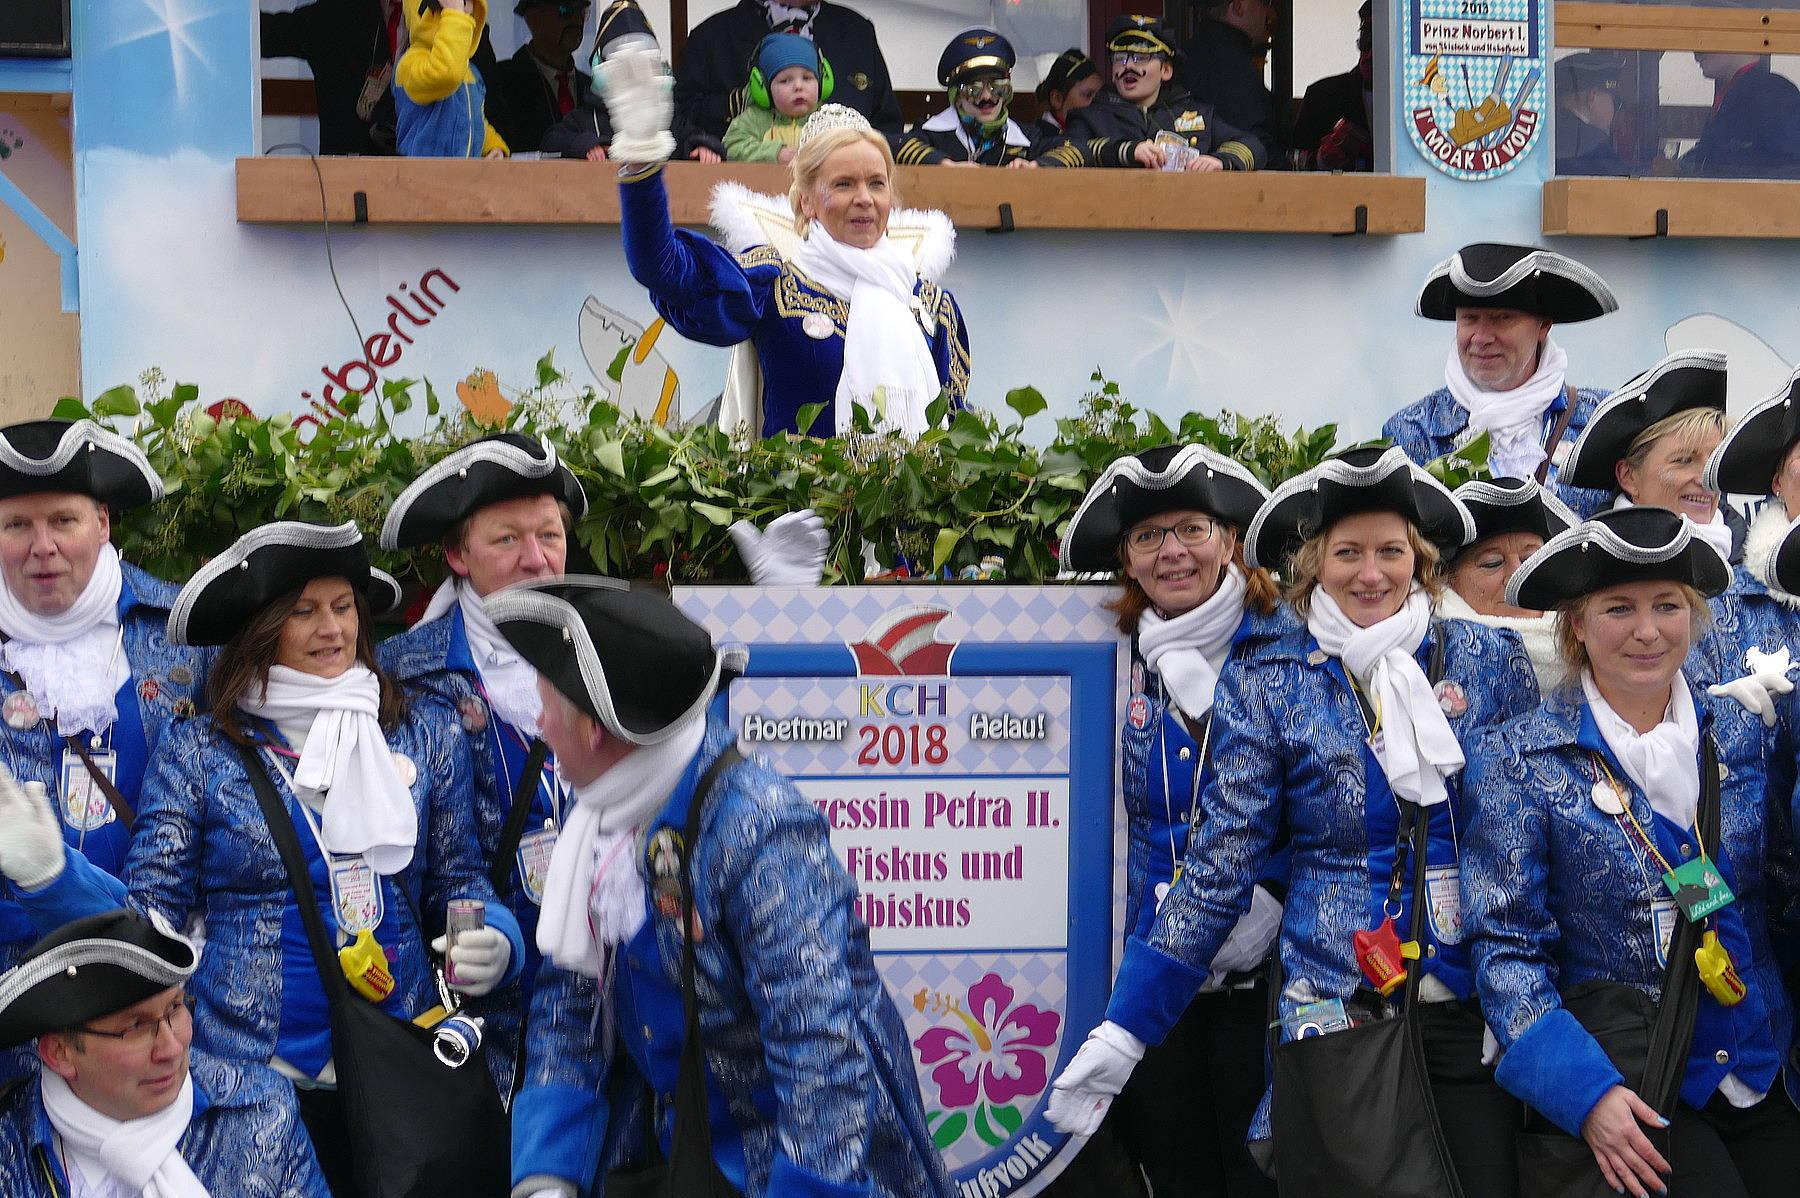 Karneval in Hoetmar